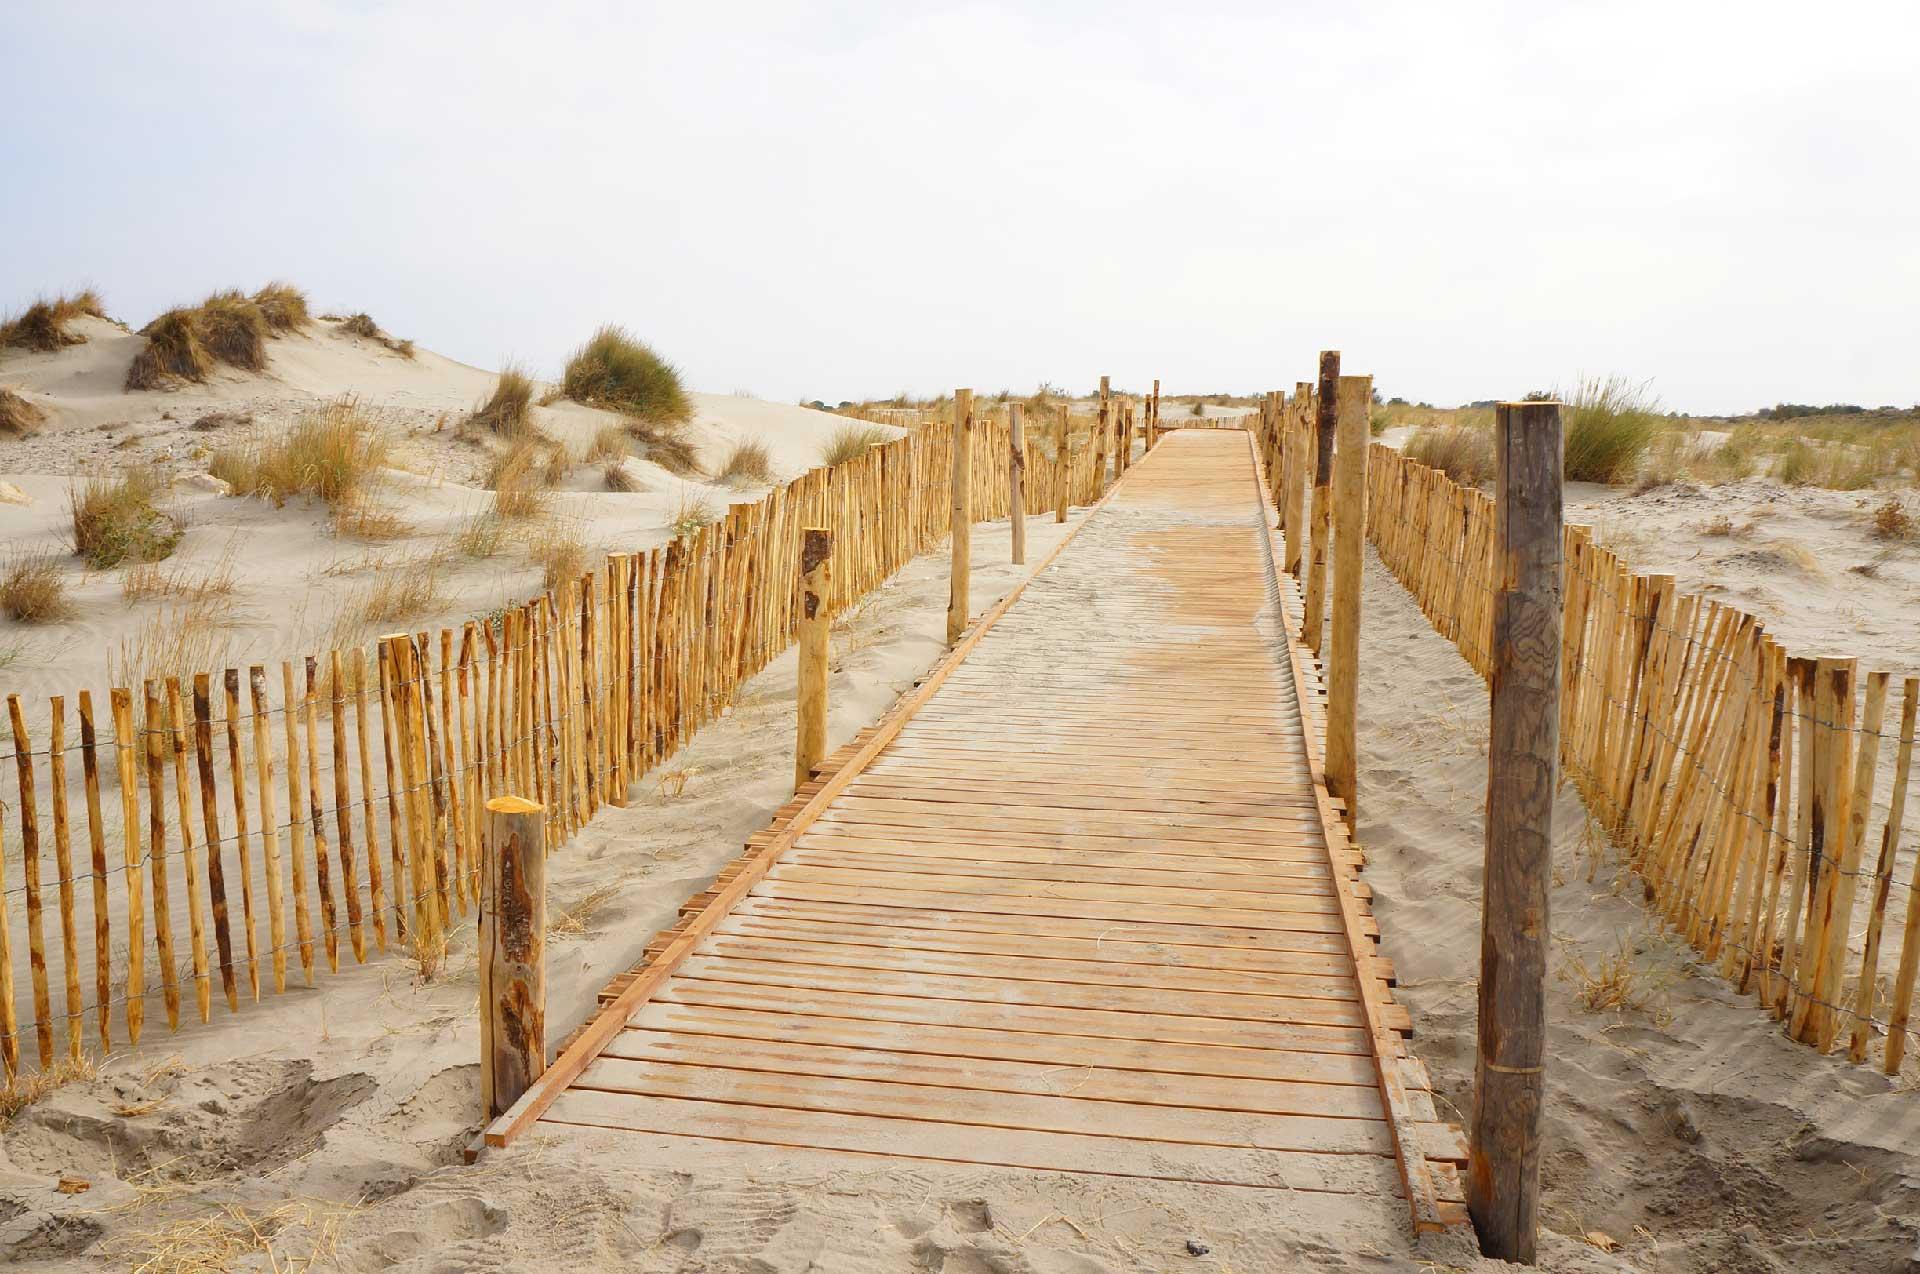 Cheminement en bois avec émergence irrégulière de pieux battus - Plage de Beauduc pour le Conservatoire du littoral